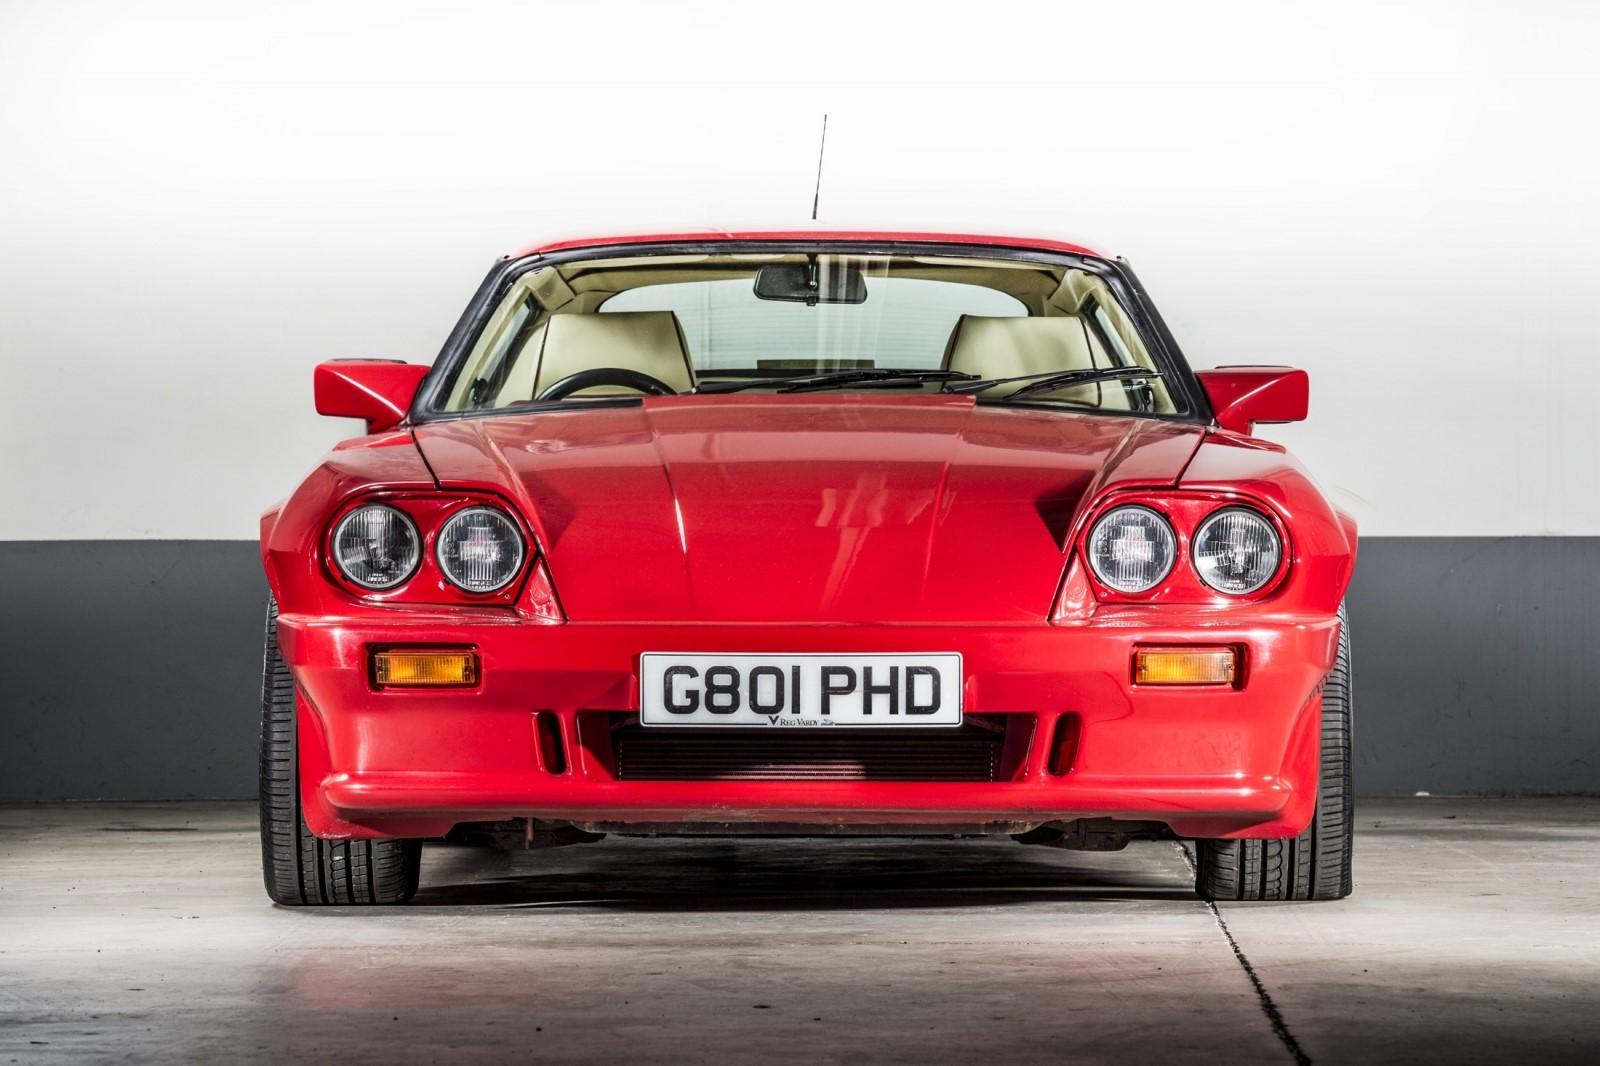 Lister Jaguar XJS 7.0 Le Mans Coupe for sale (3)